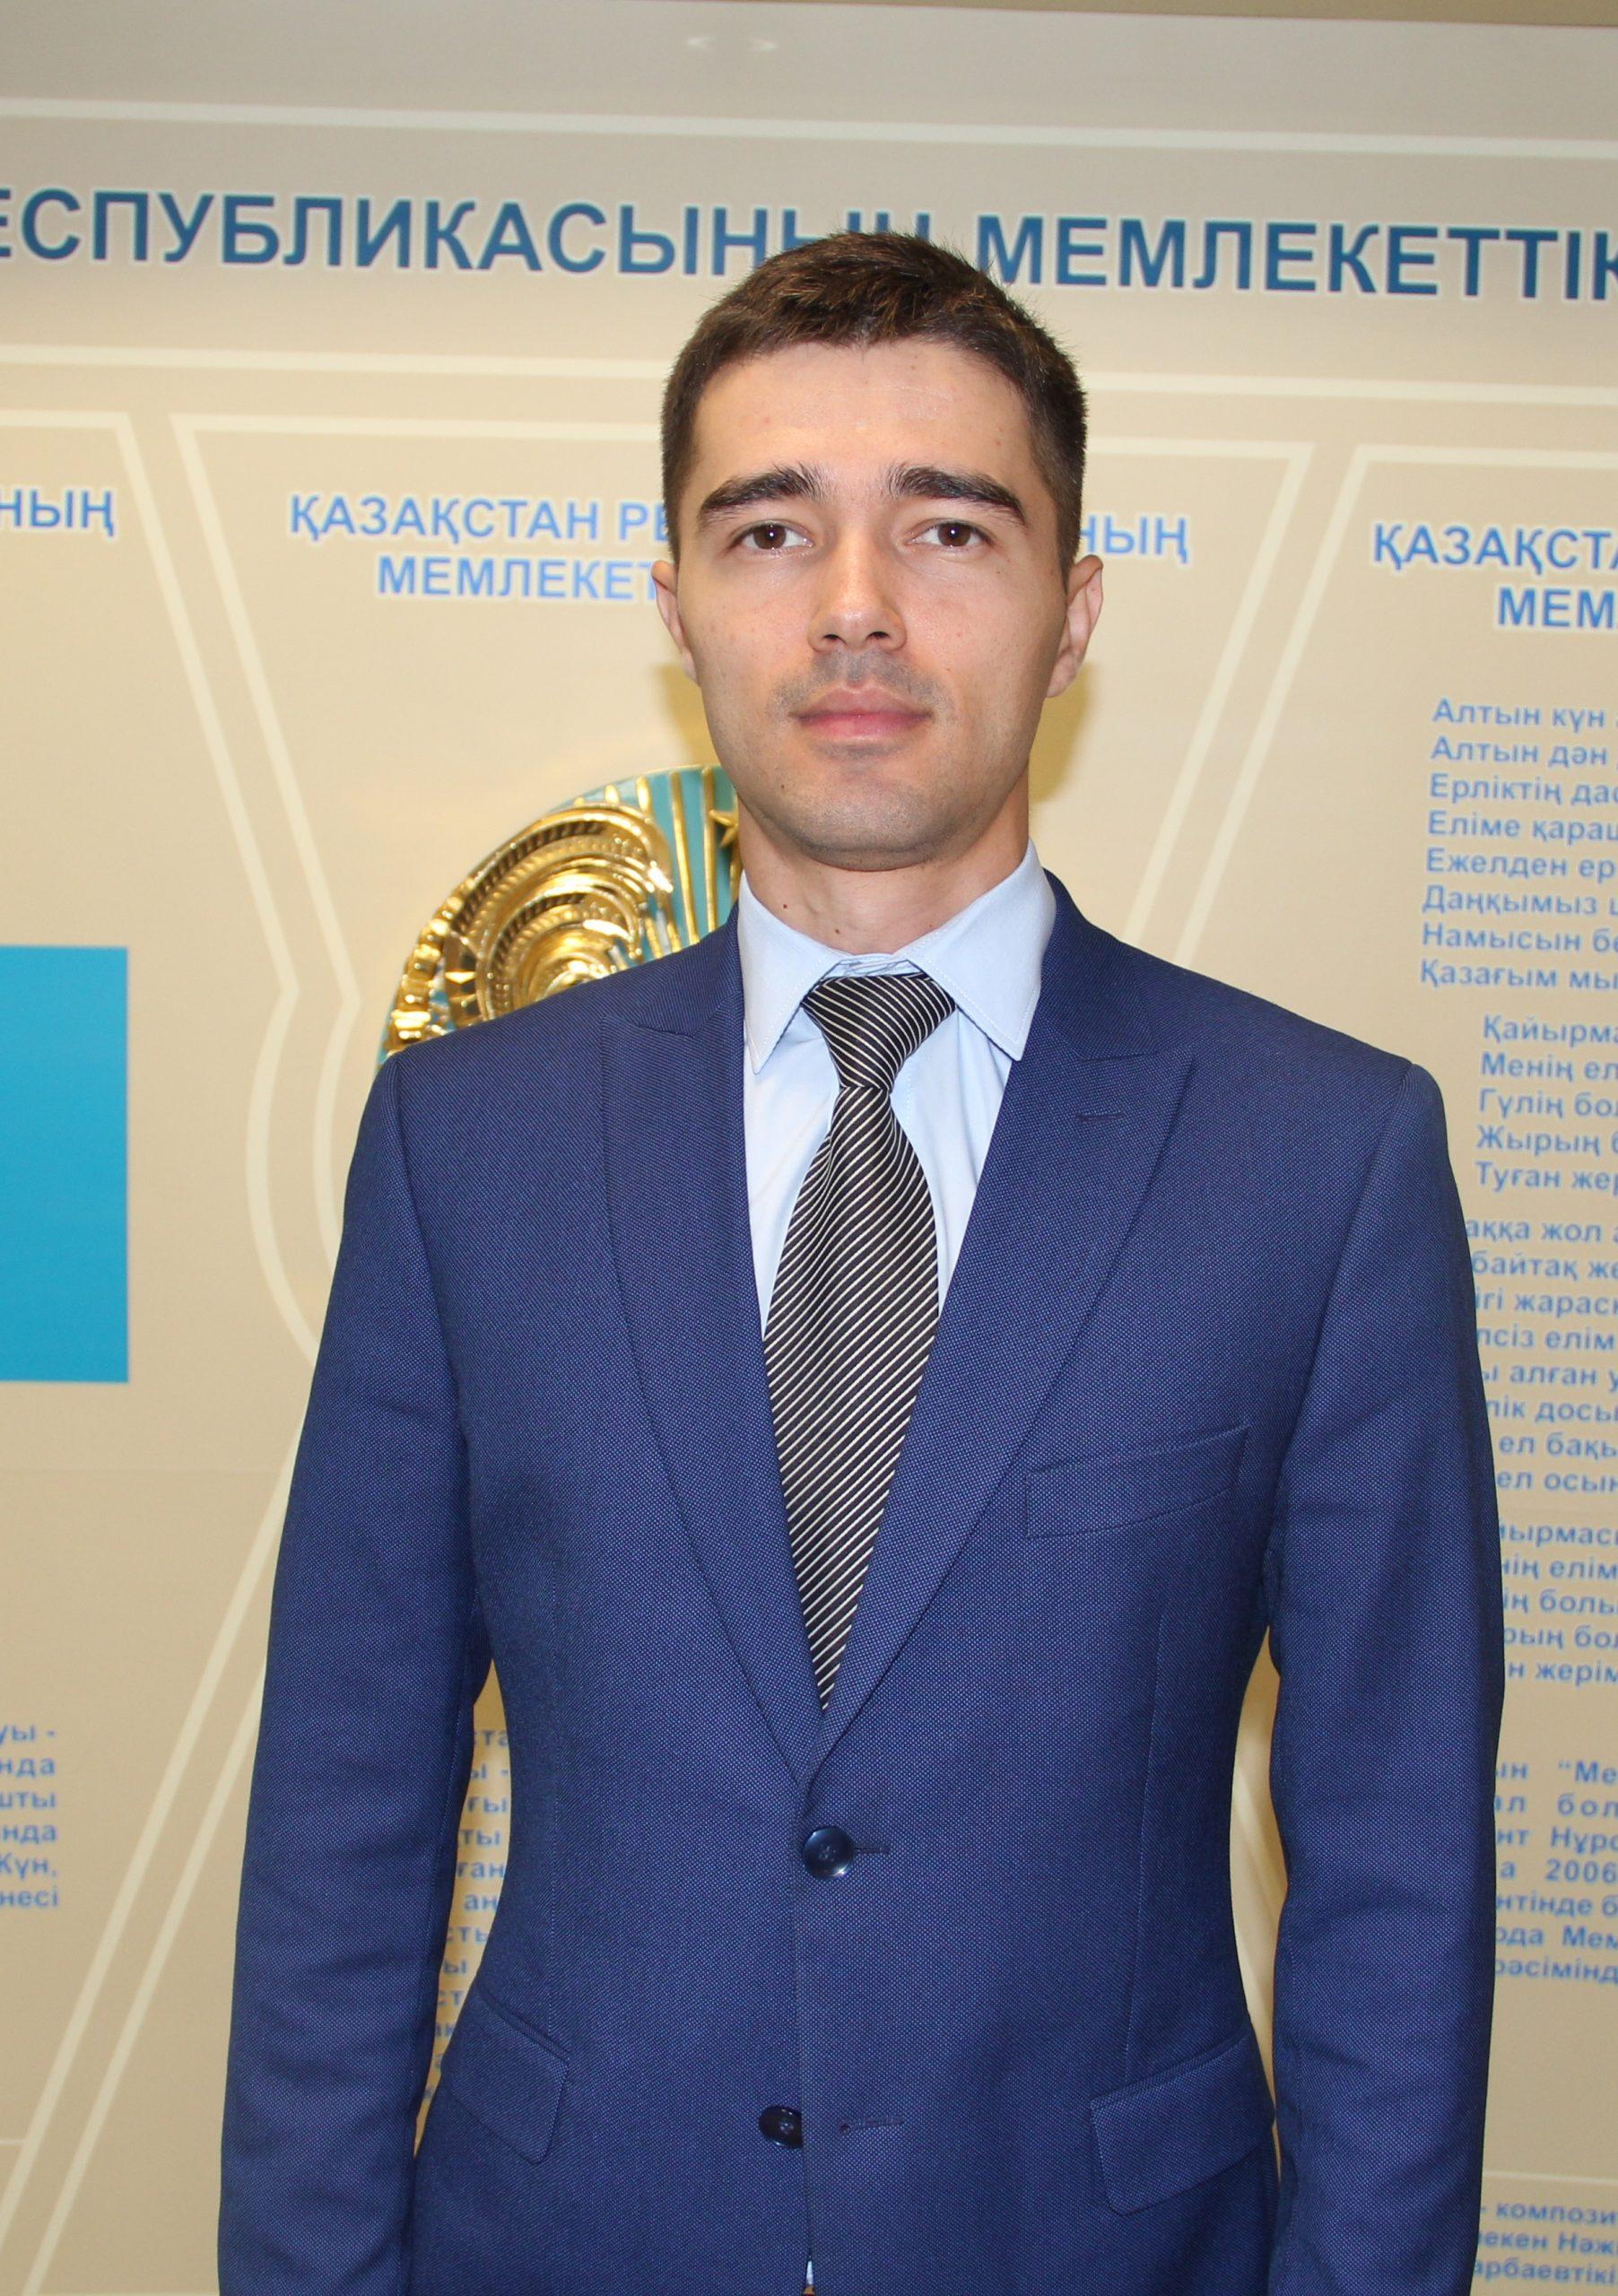 Тлеубергенов Ерлан Болсынбекович